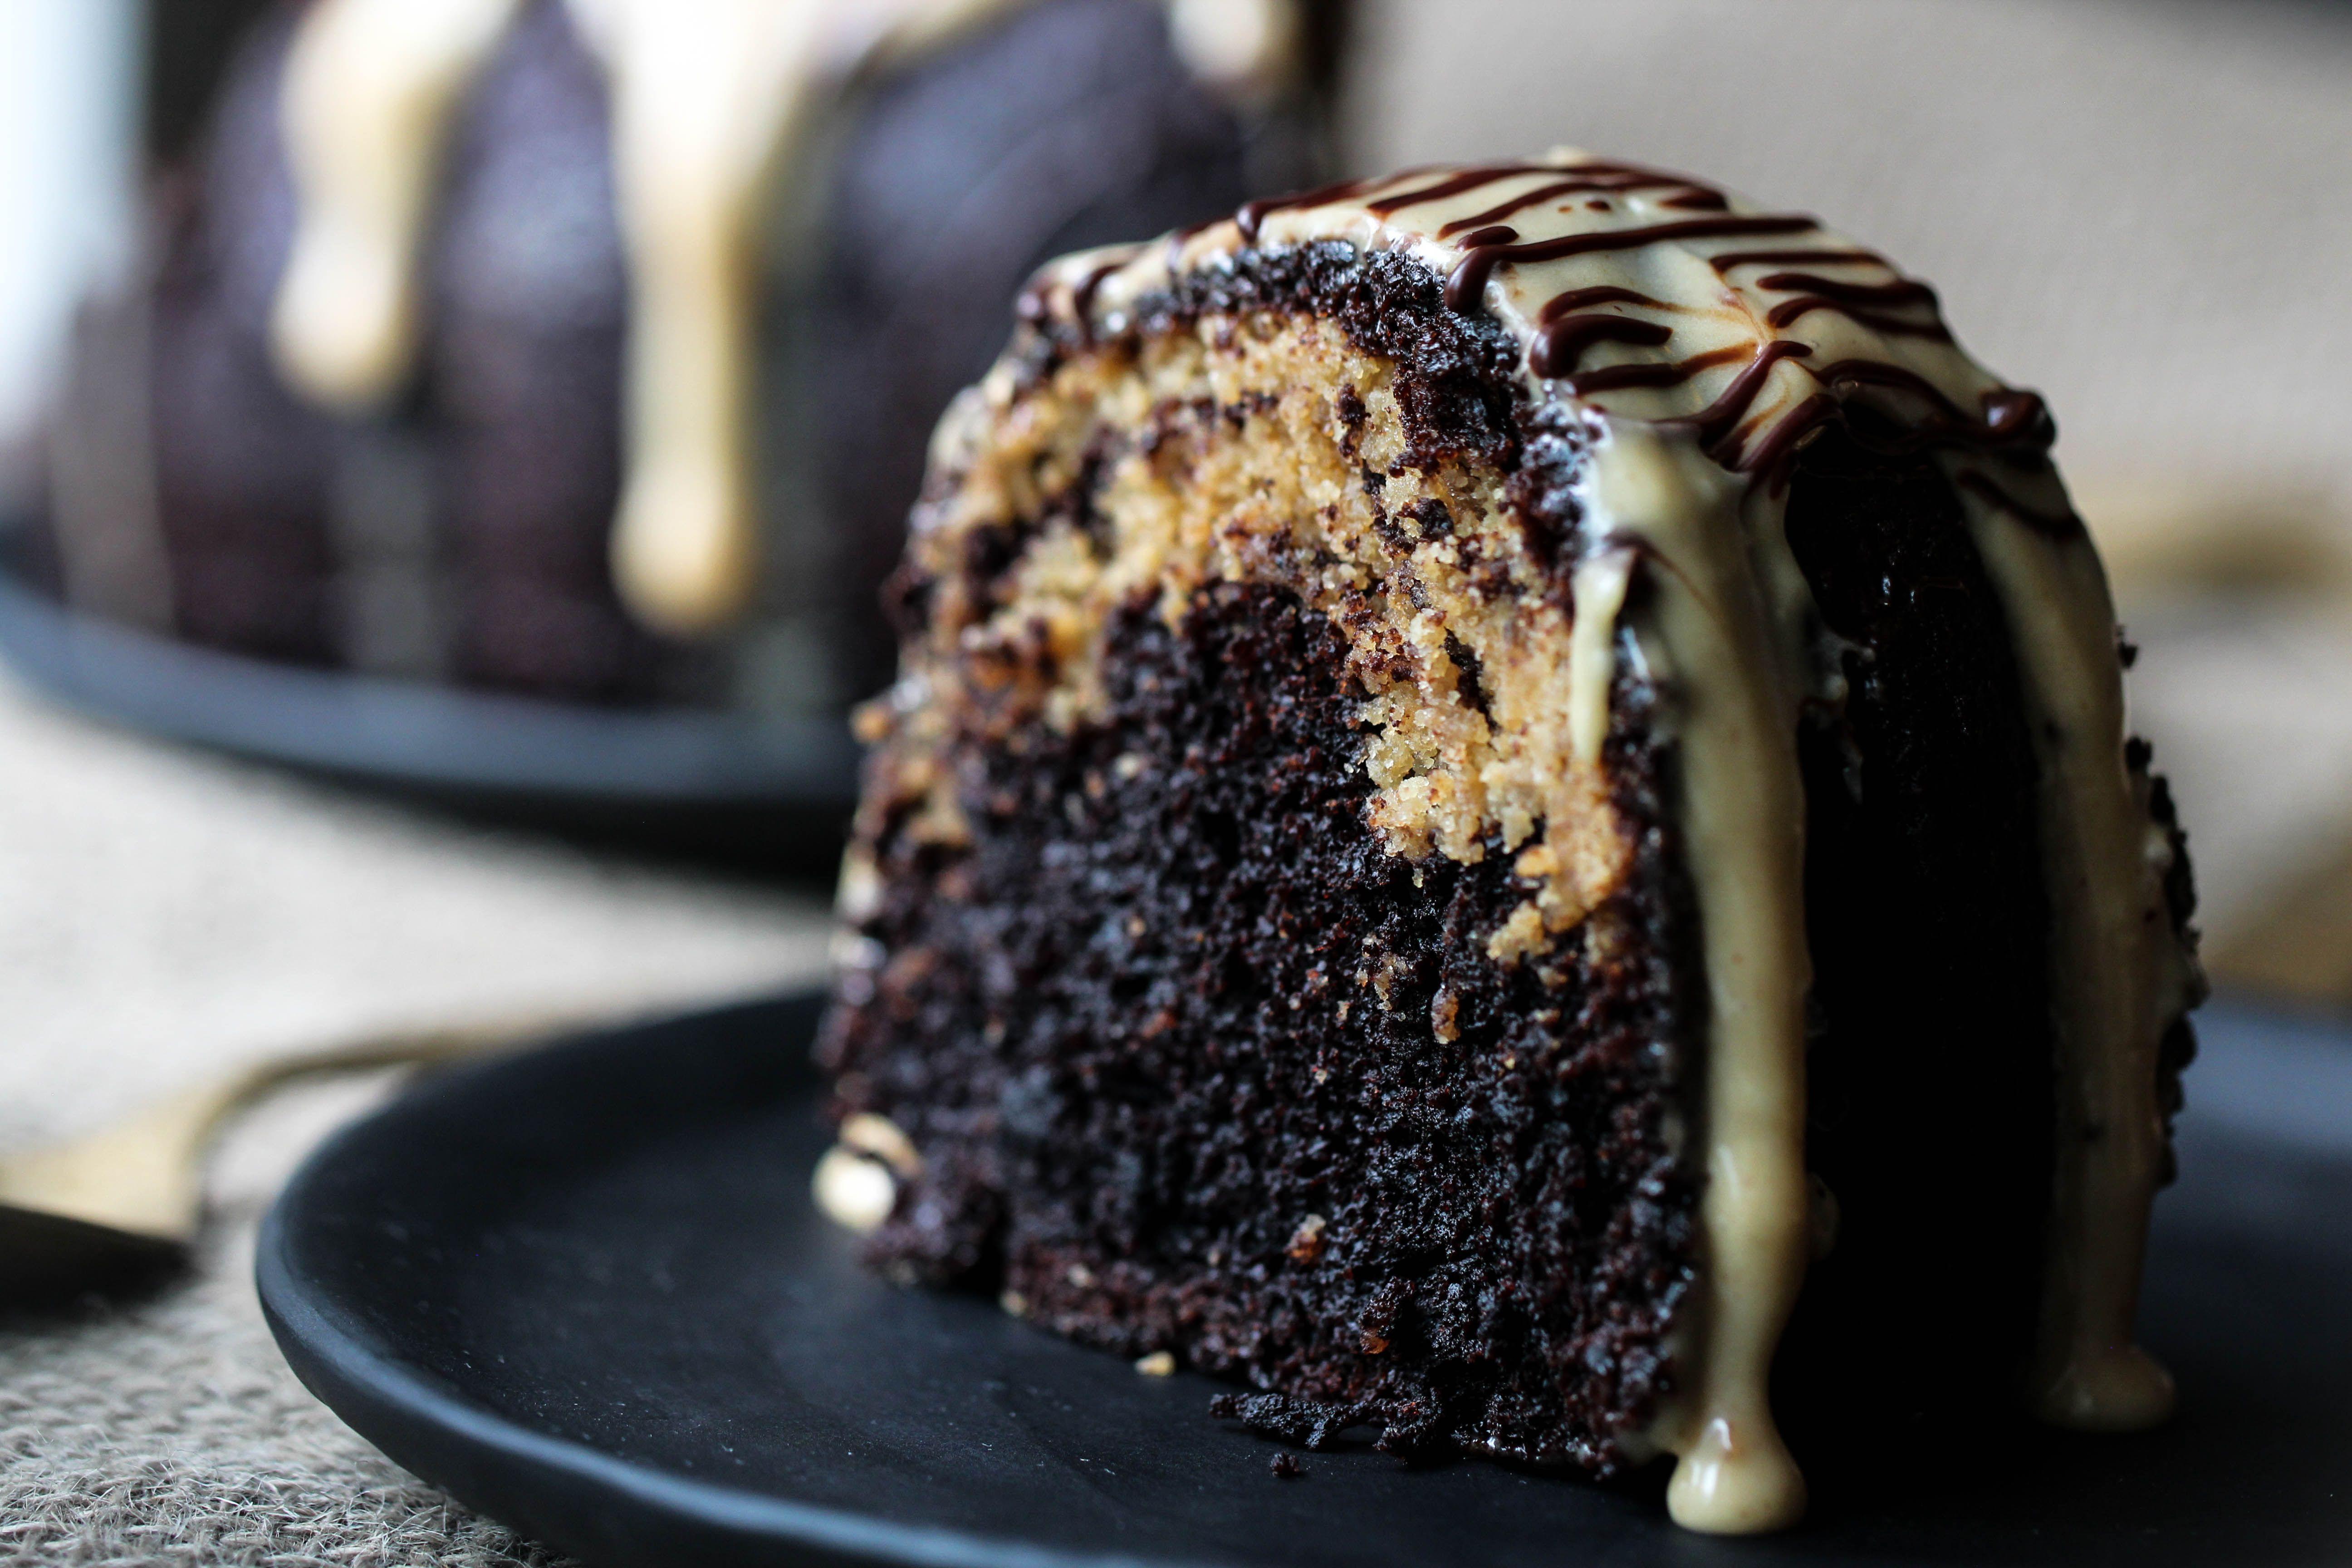 كيكة الشوكولاتة بحشوة كوكيز الفول السوداني Chocolate Peanut Butter Cake Cake Food